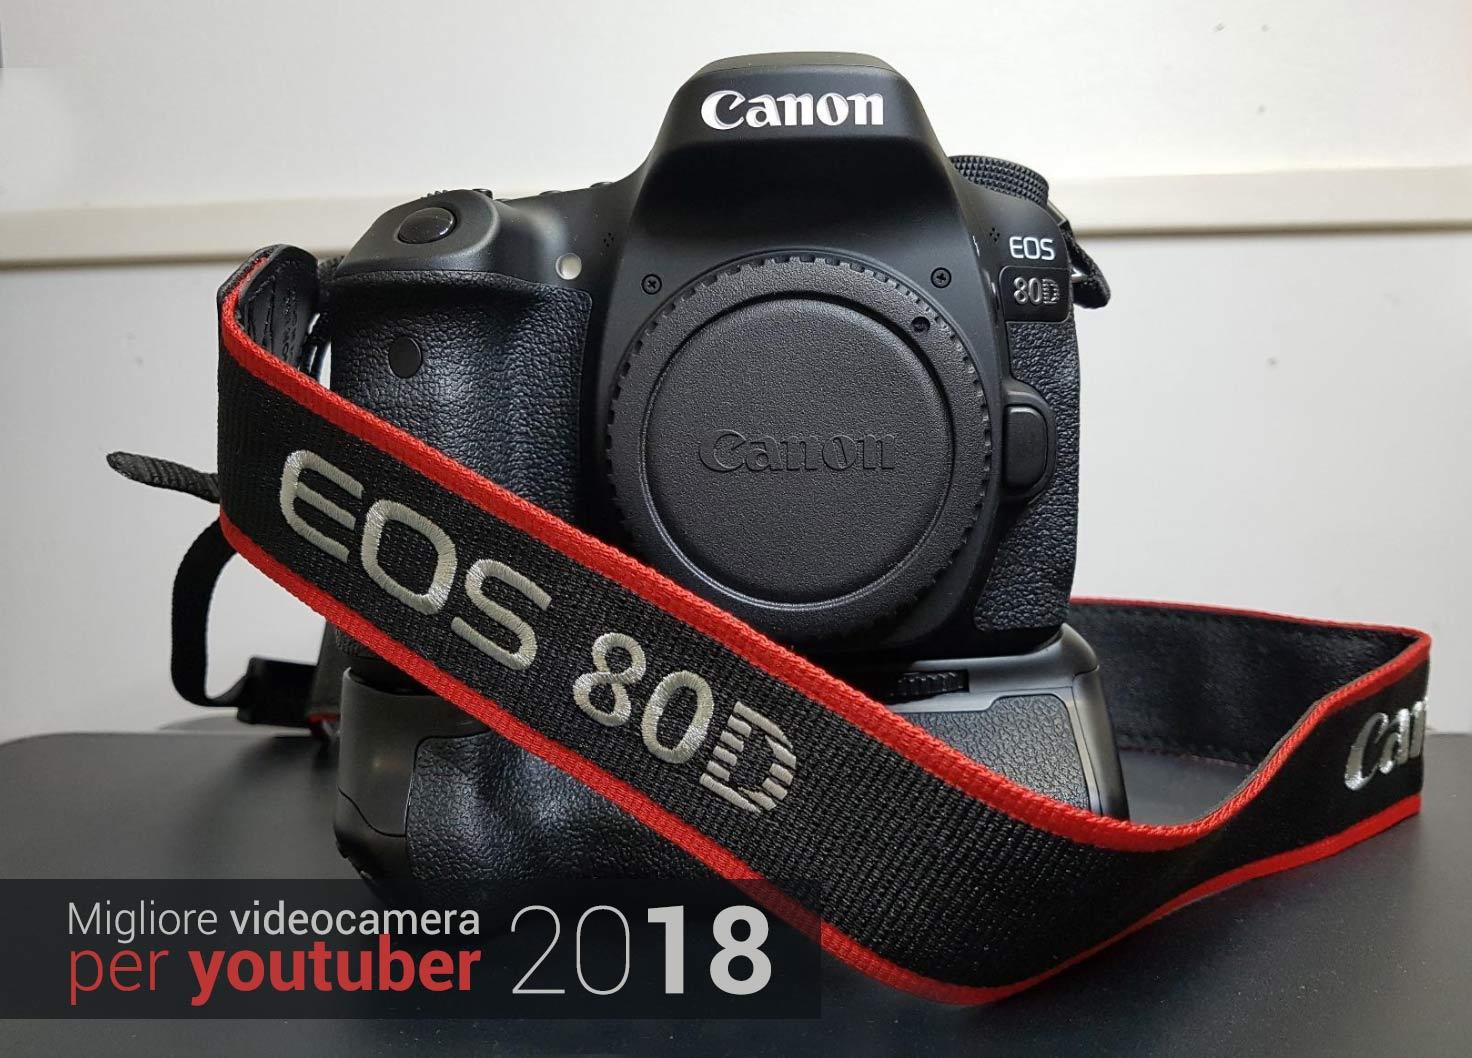 migliori videocamere youtube 2018